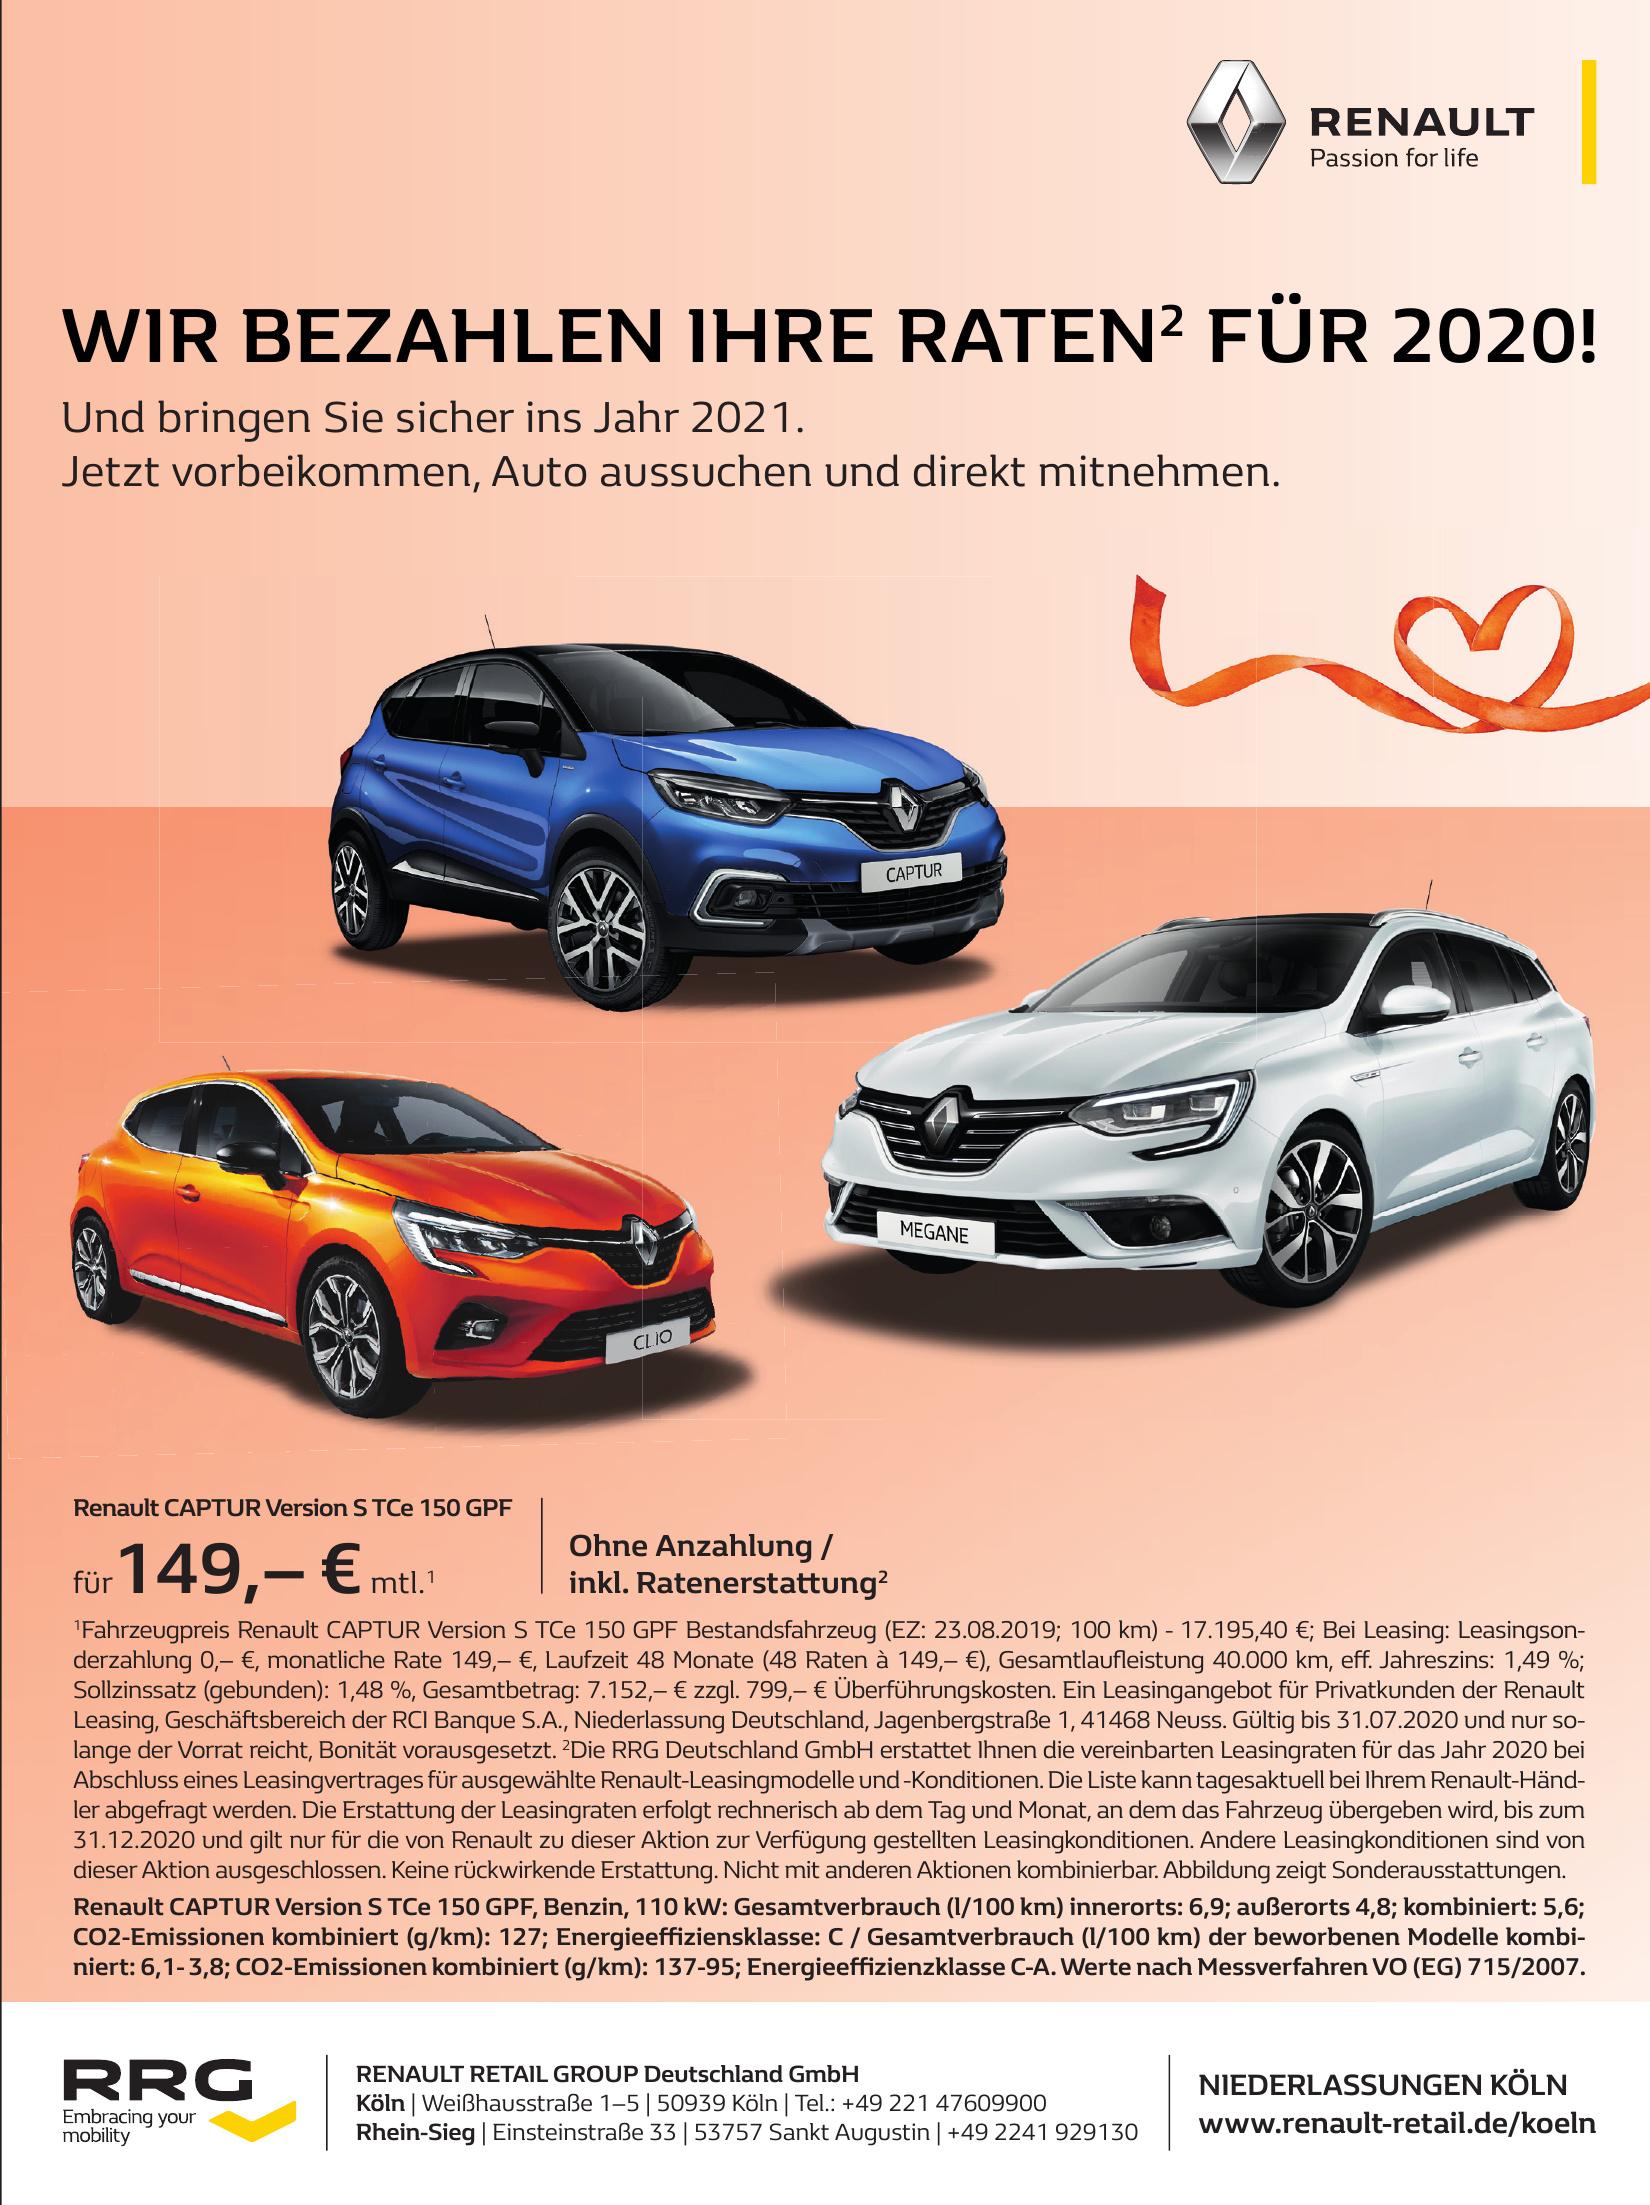 Renault Retail Group Deutschland GmbH